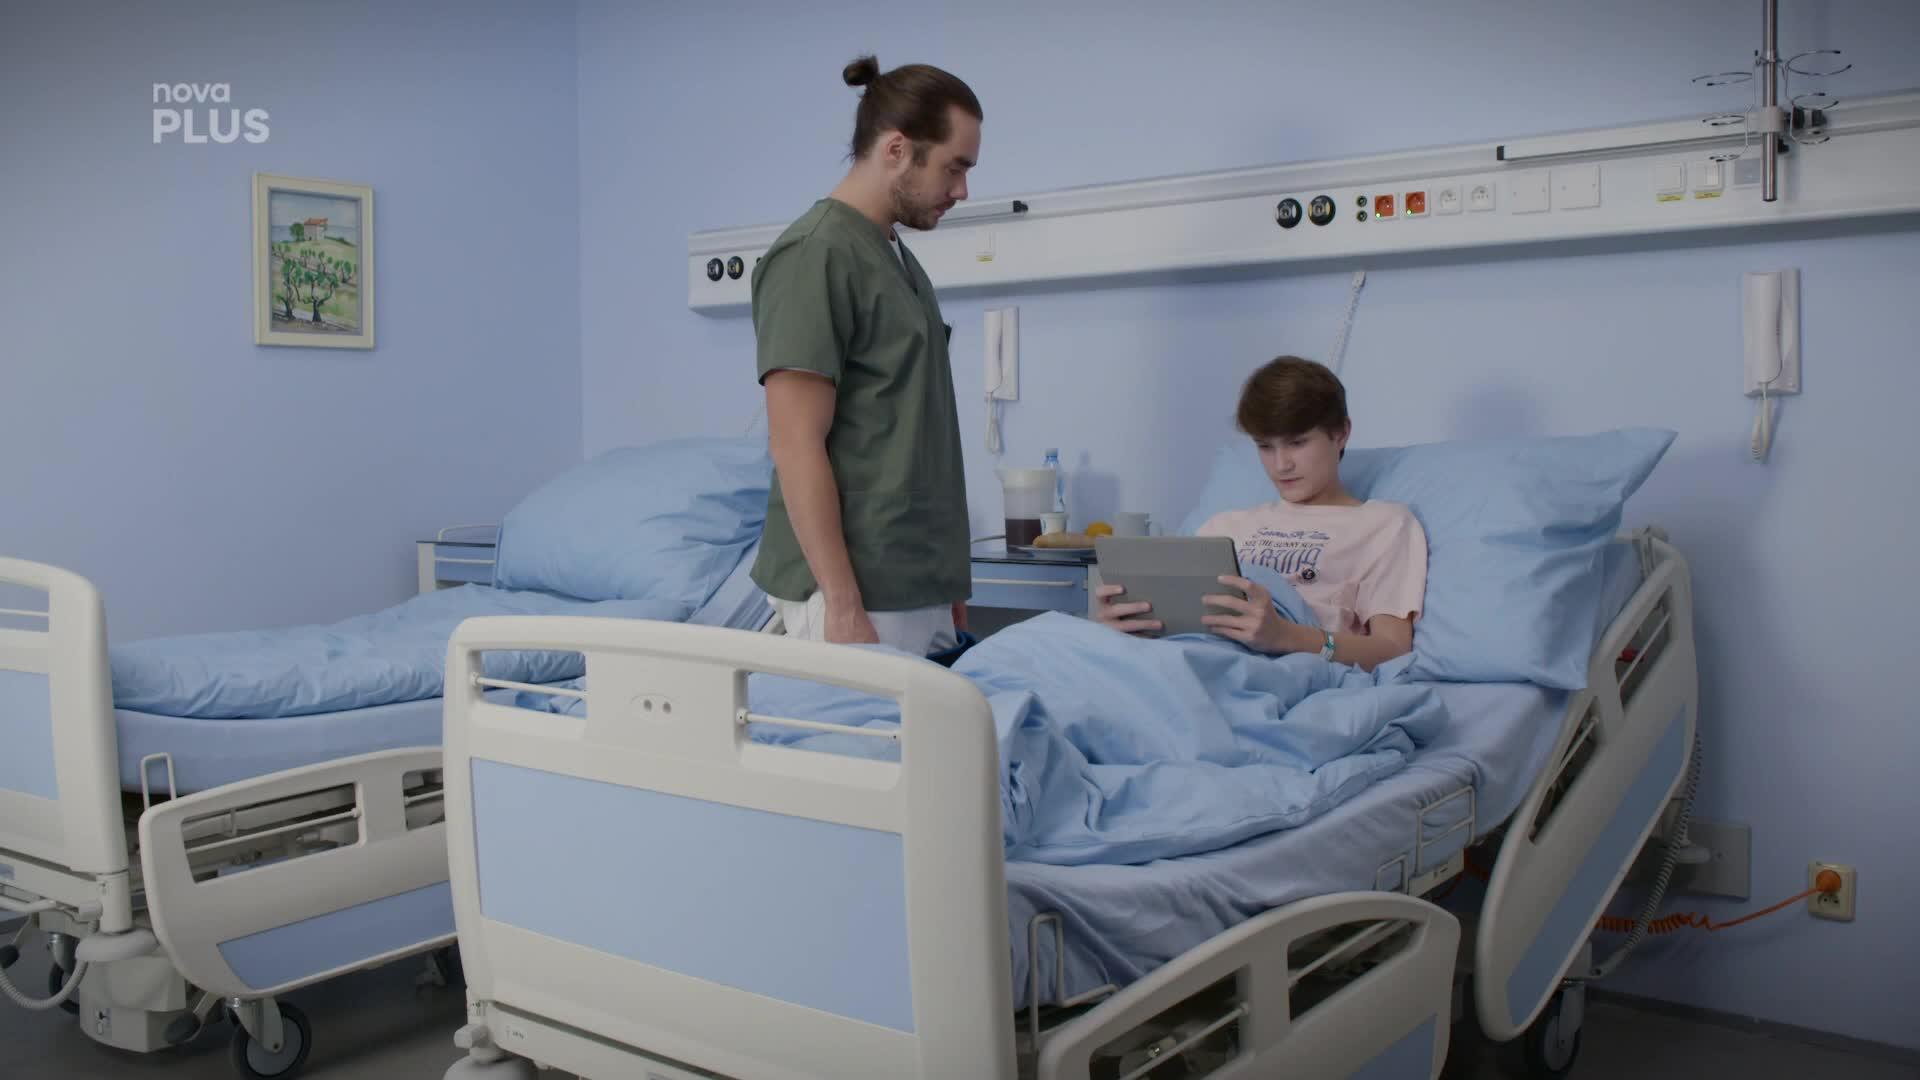 Patrik řeší dilema: Sdělí mladému pacientovi pravdu o jeho děsivé diagnóze?